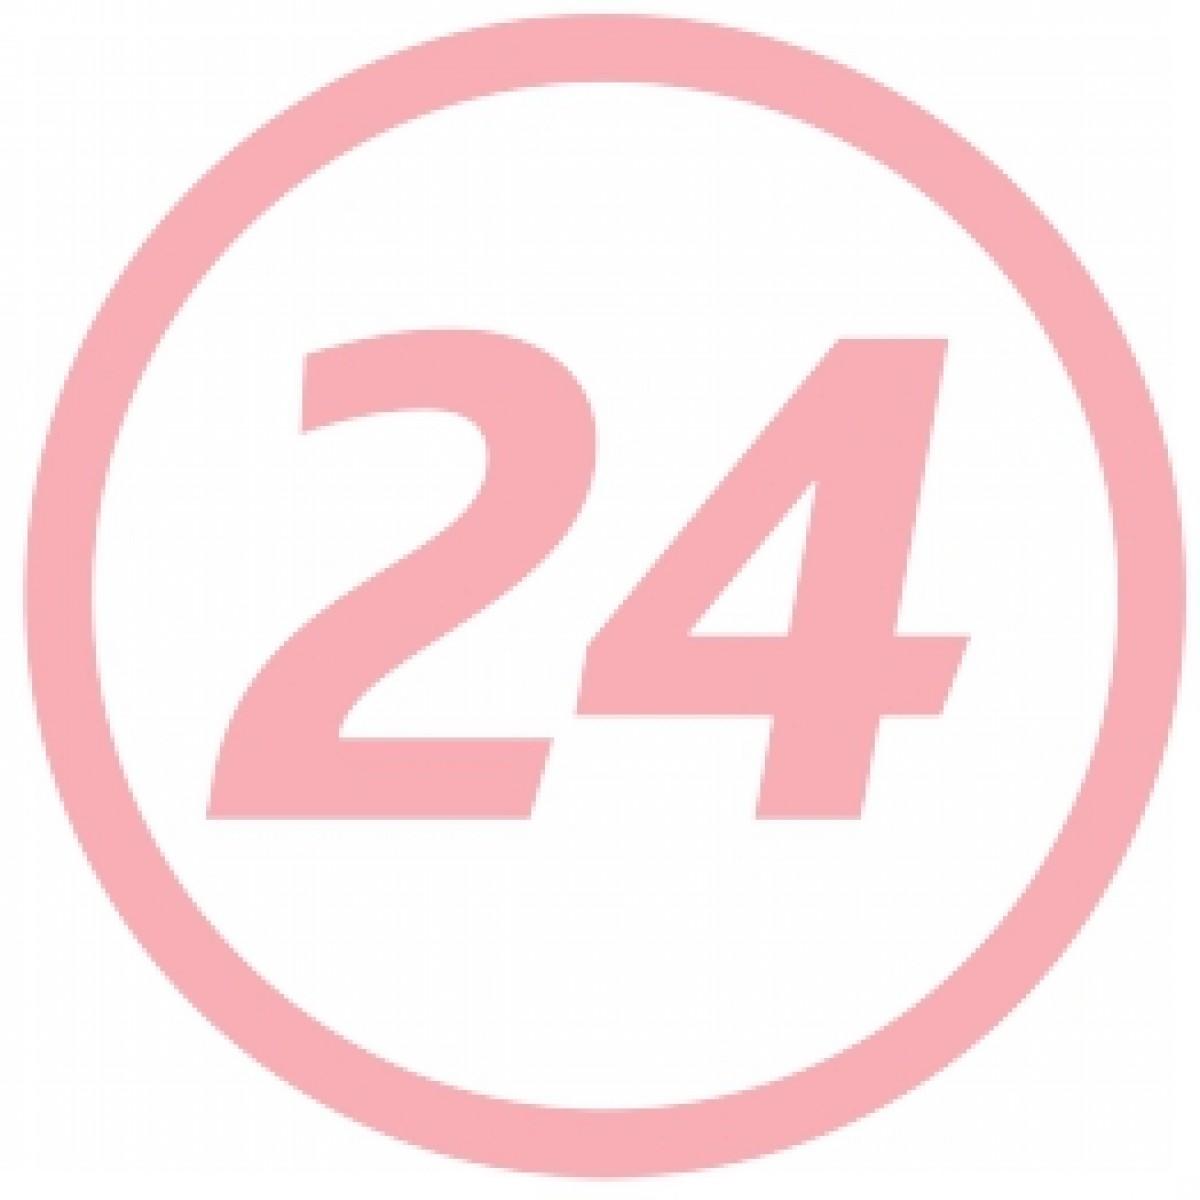 Hartmann Molicare Premium Mobile Chilot Adulti pentru Incontinenta Severa Marimea XL, Scutece Adulti, 14buc